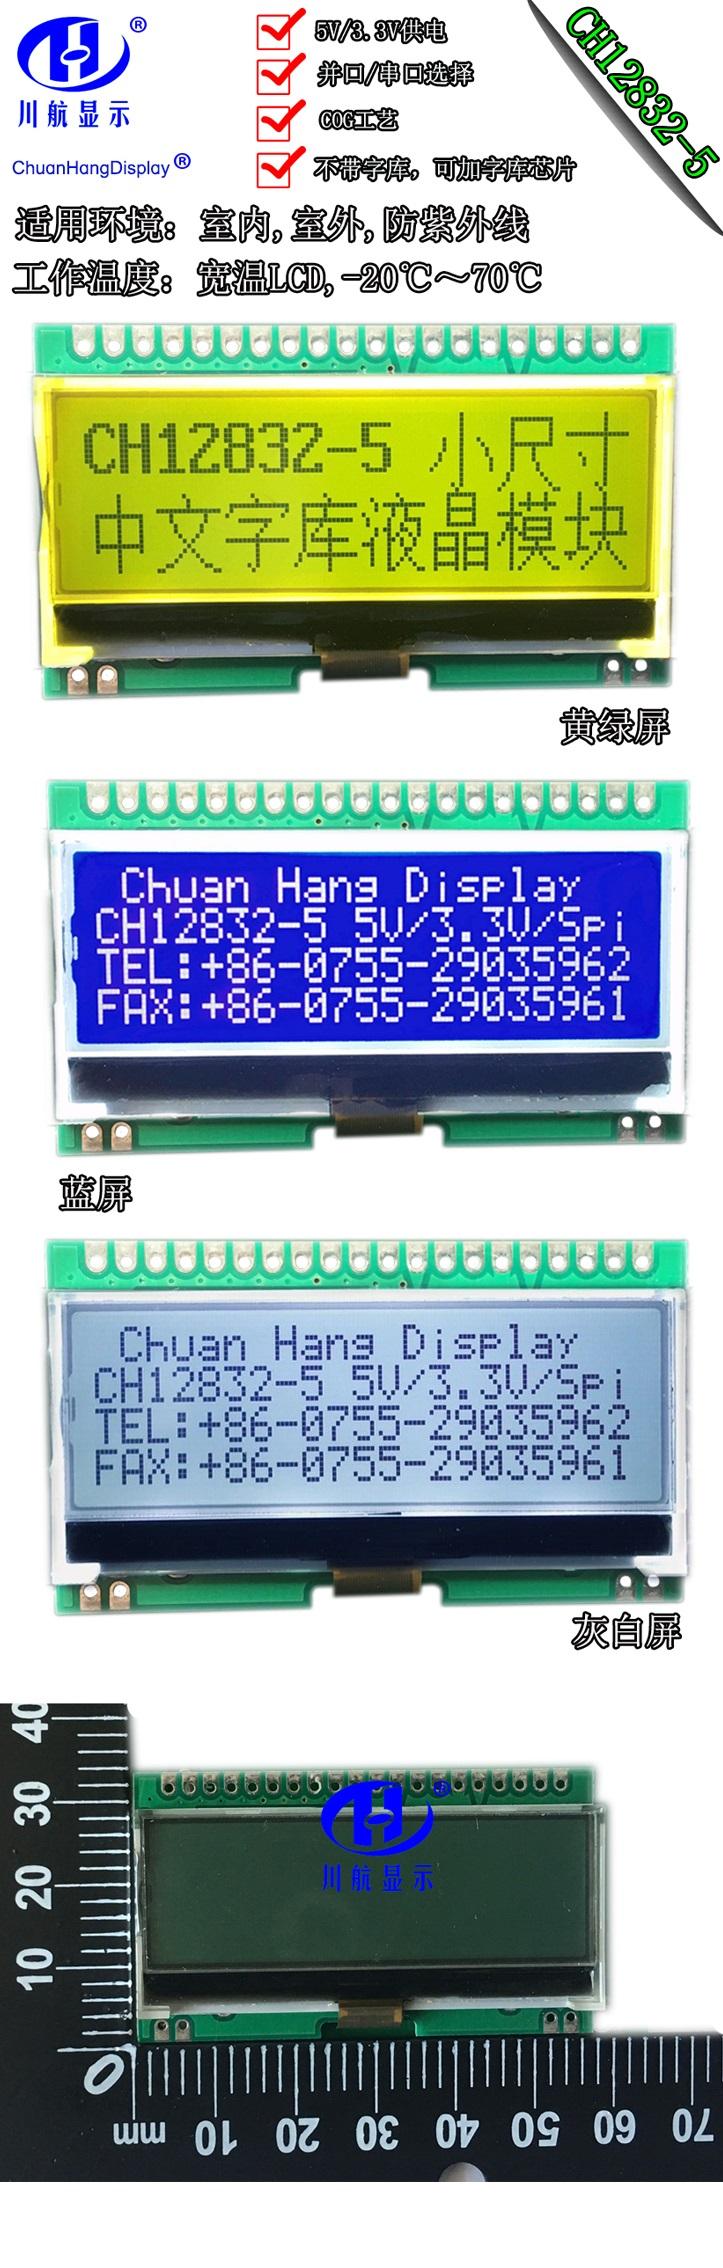 深圳生产带字库芯片12832液晶屏